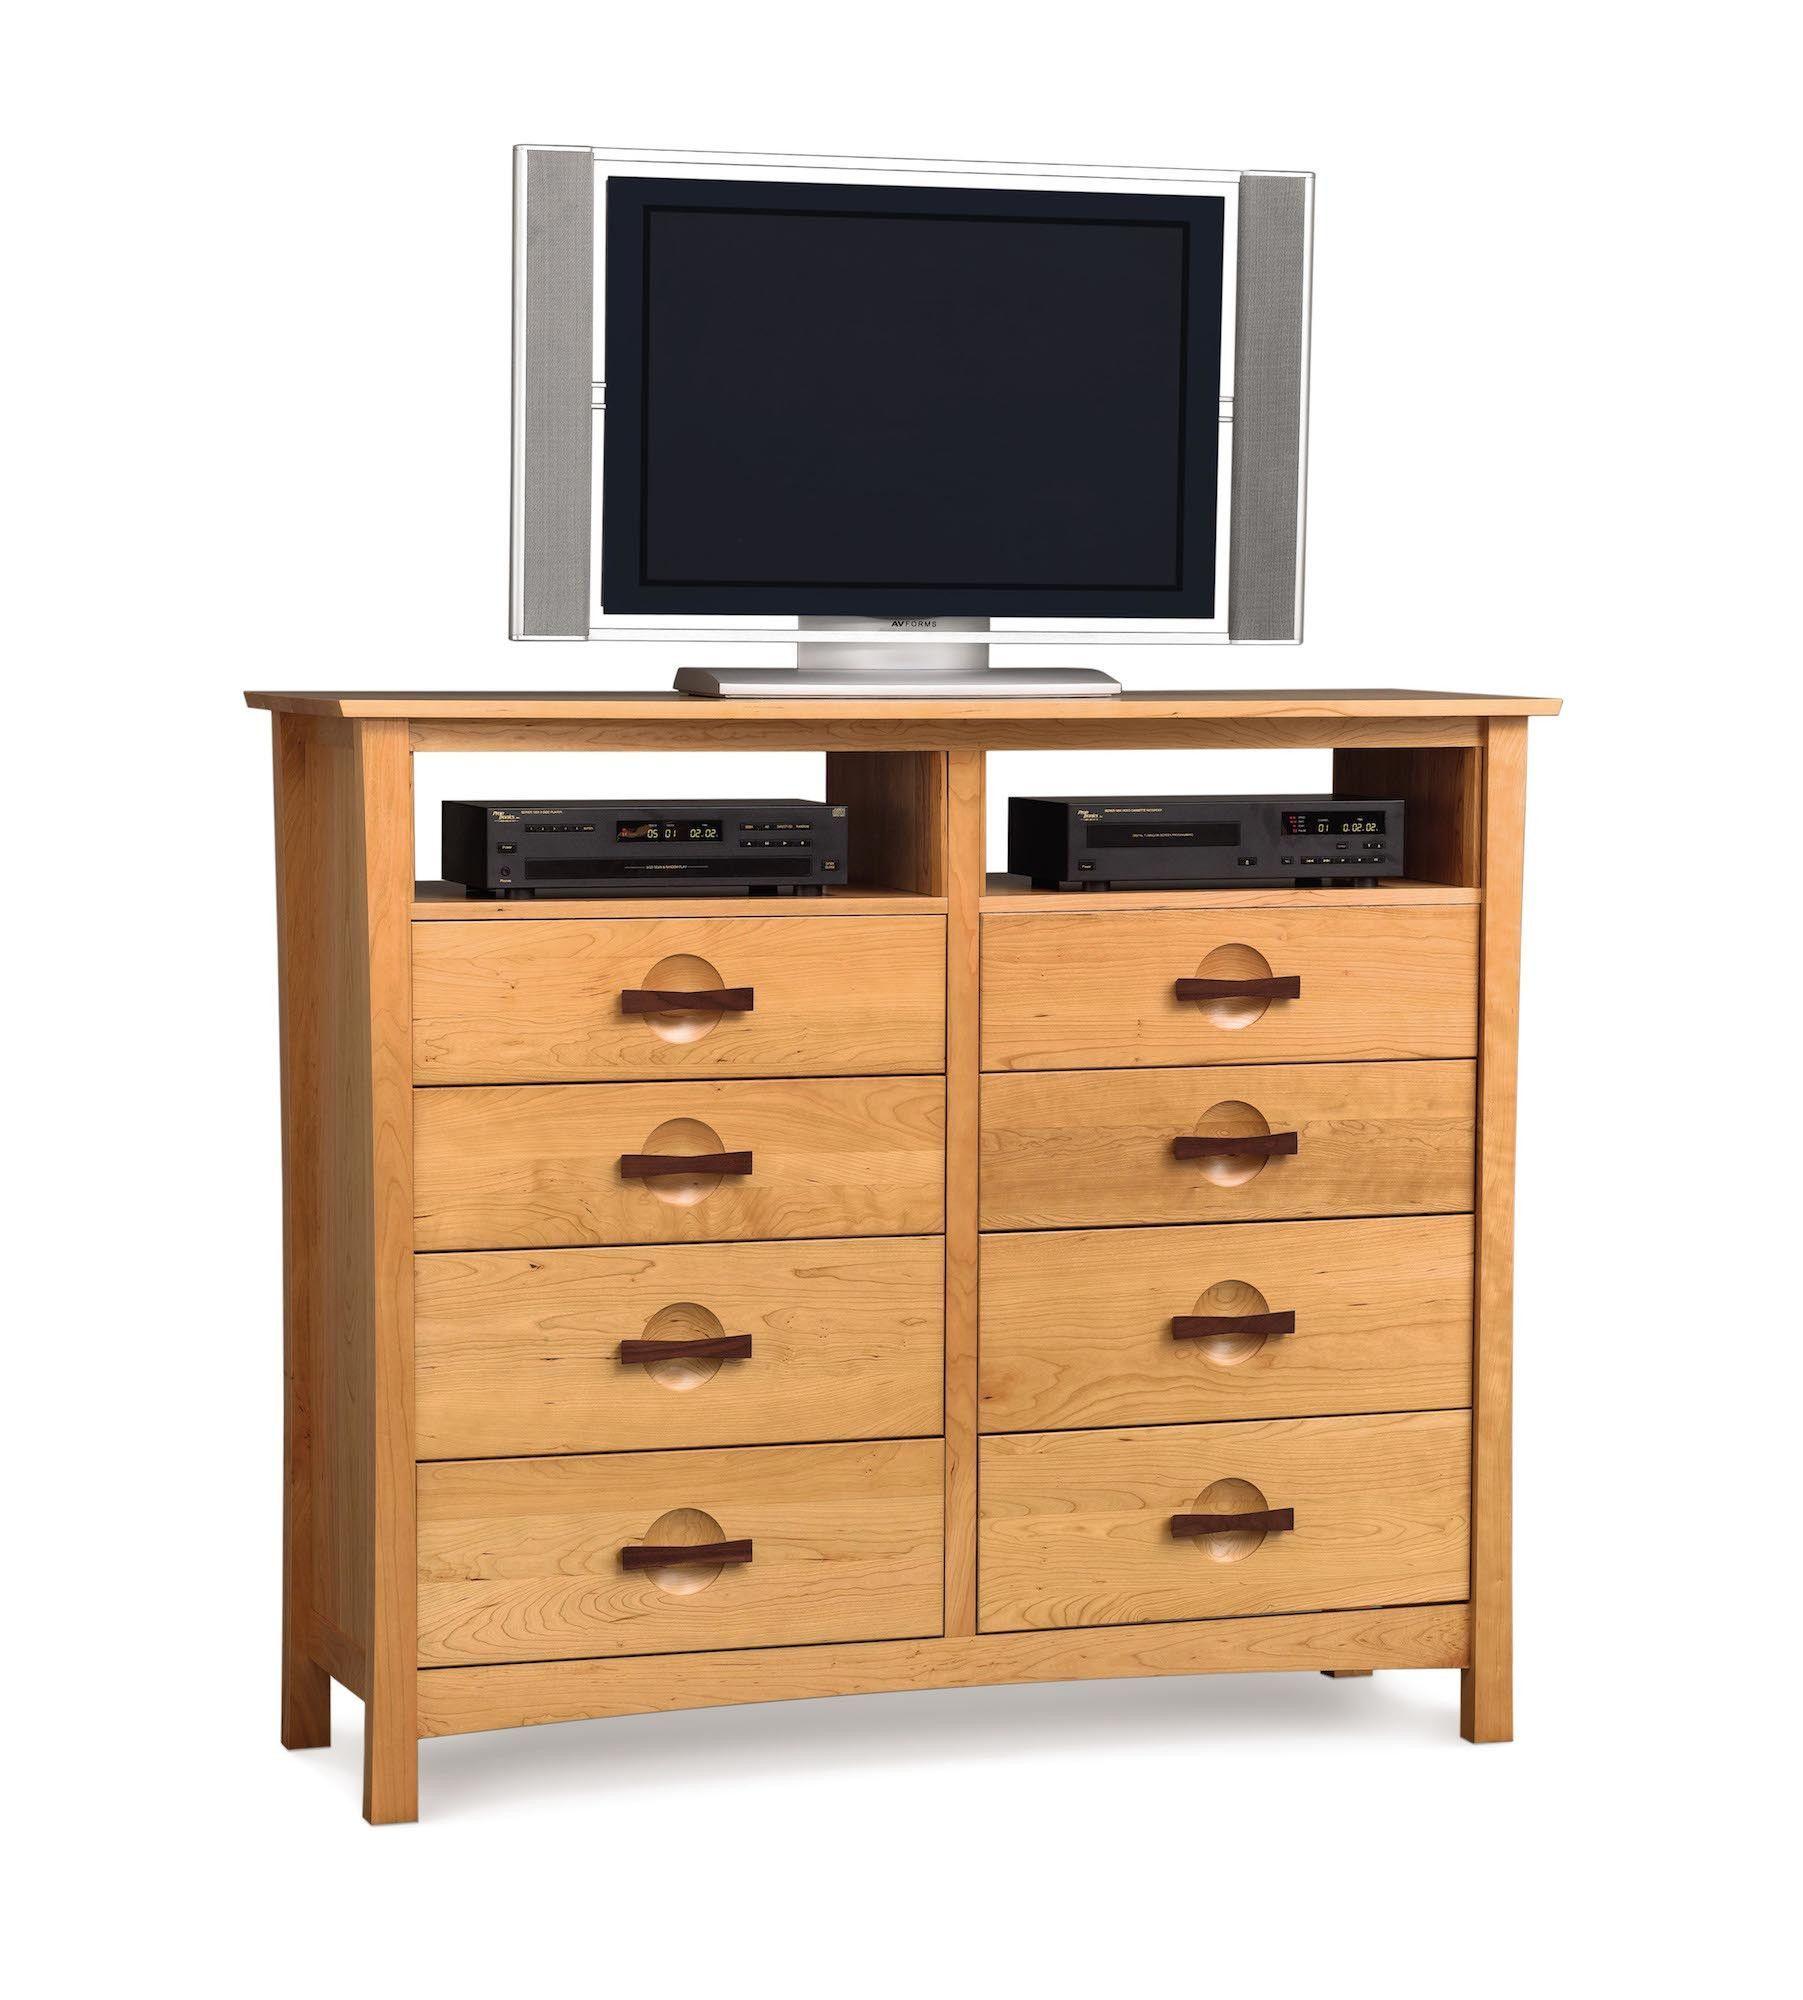 Berkeley Eight Drawer Dresser With TV Organizer by Copeland